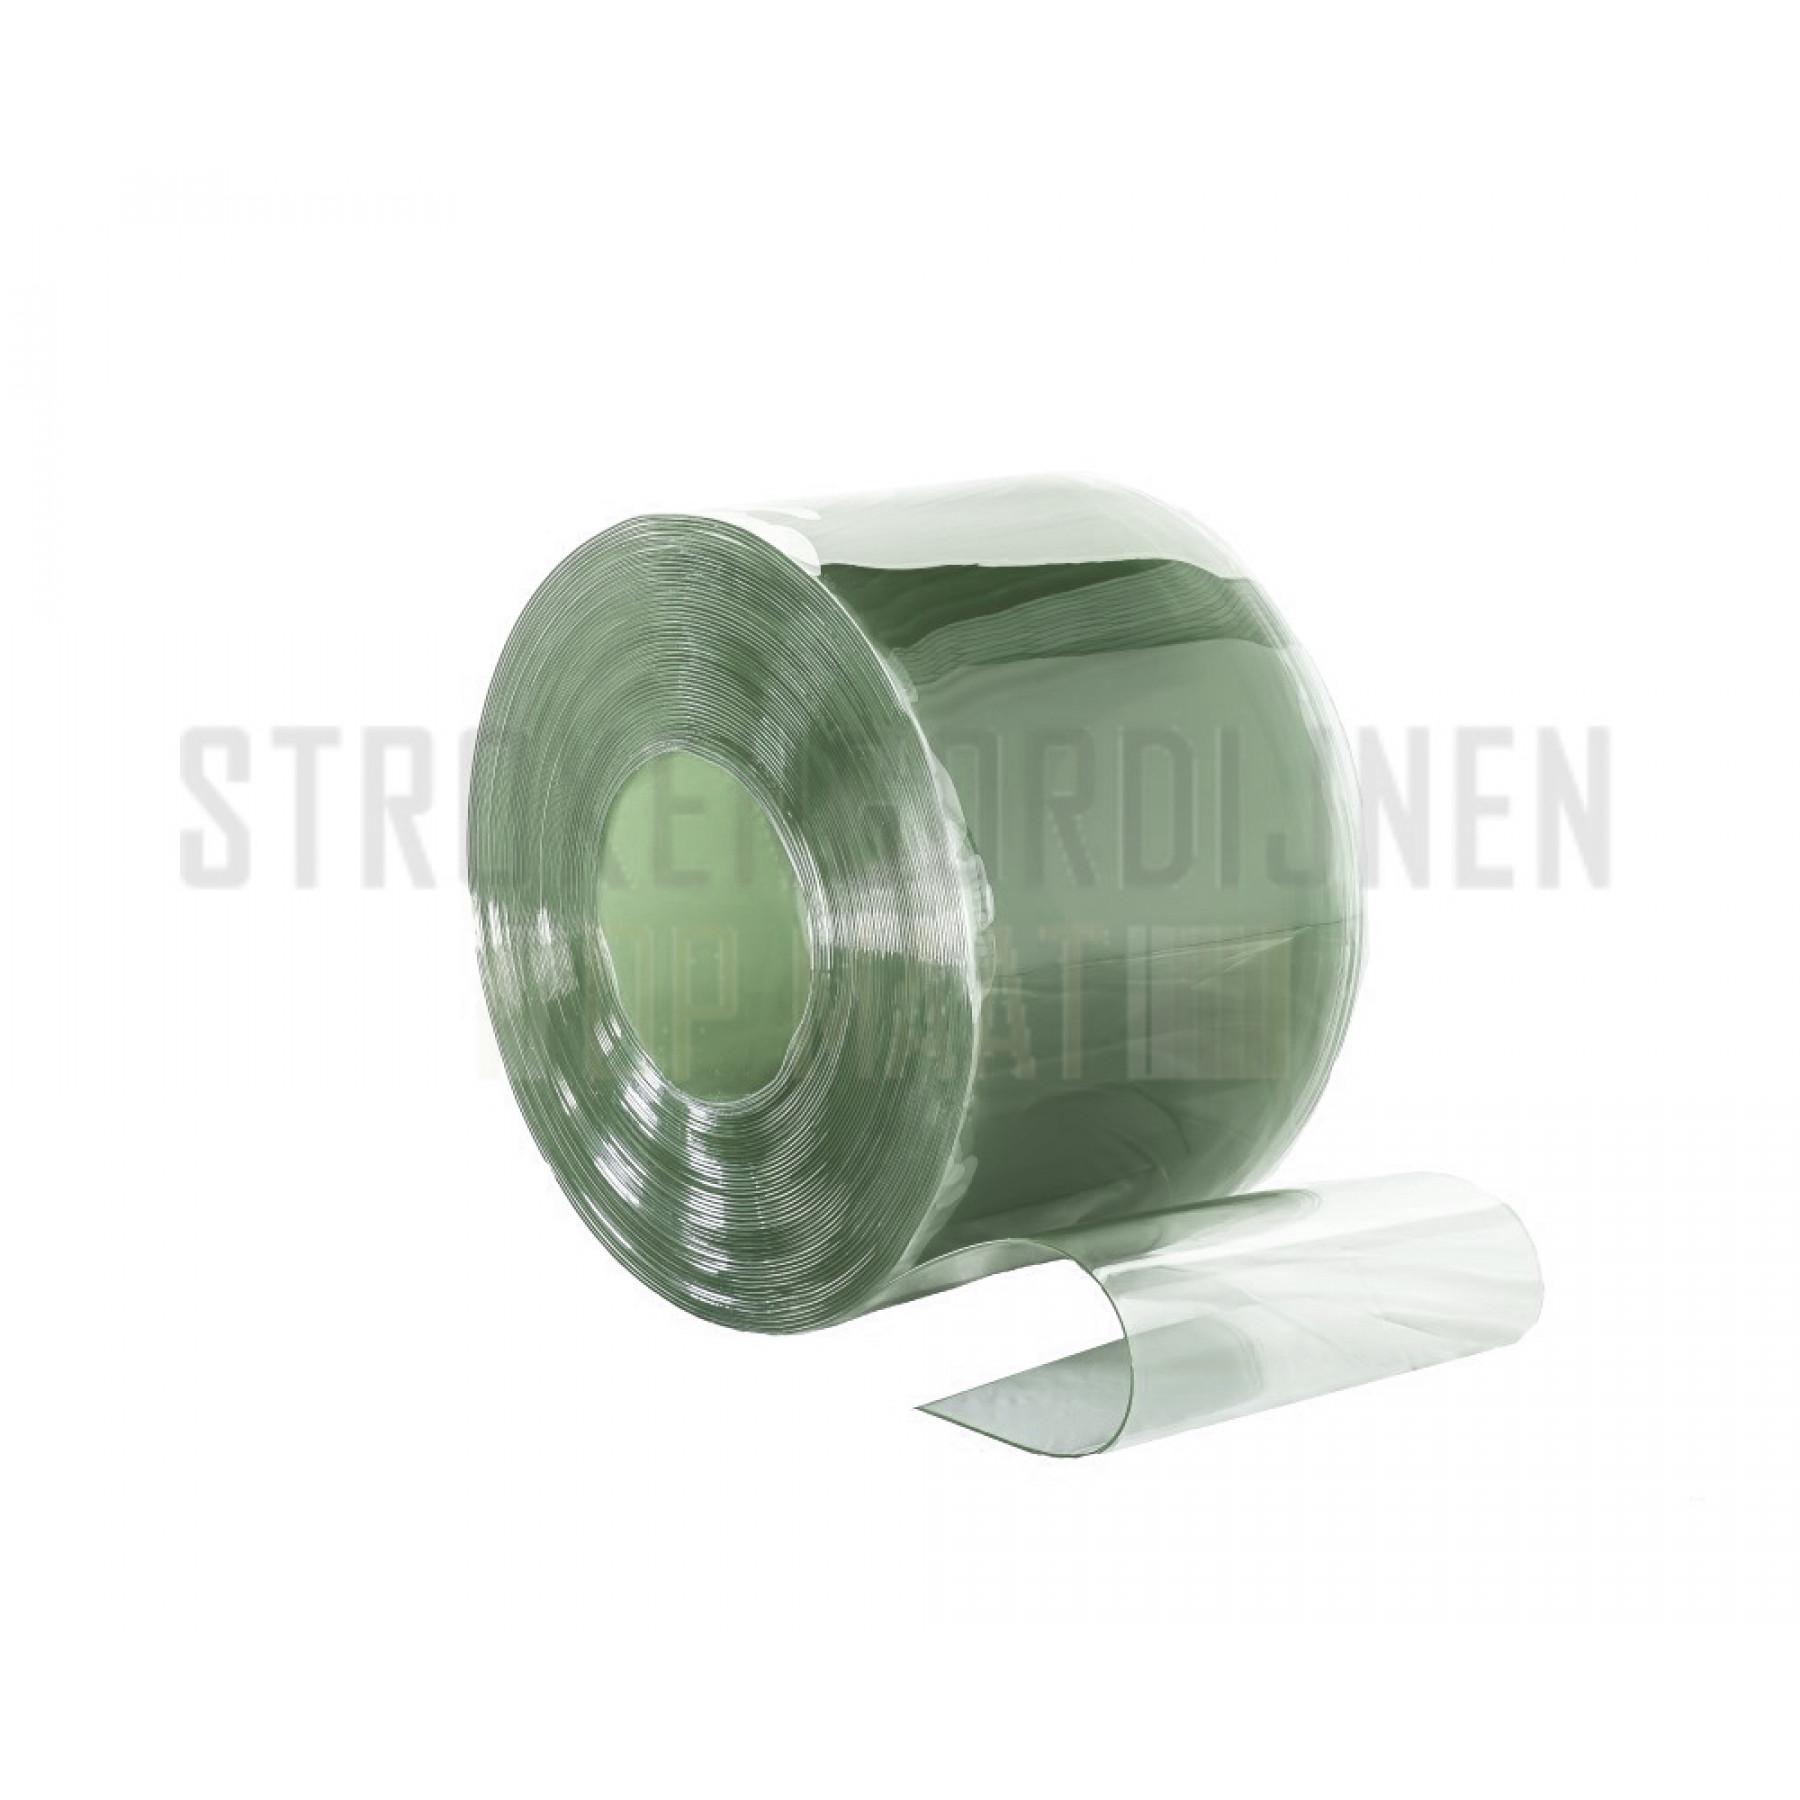 PVC op rol, 200mm breed, 2mm dik, 50 meter lengte, super diepvrieskwaliteit, transparant